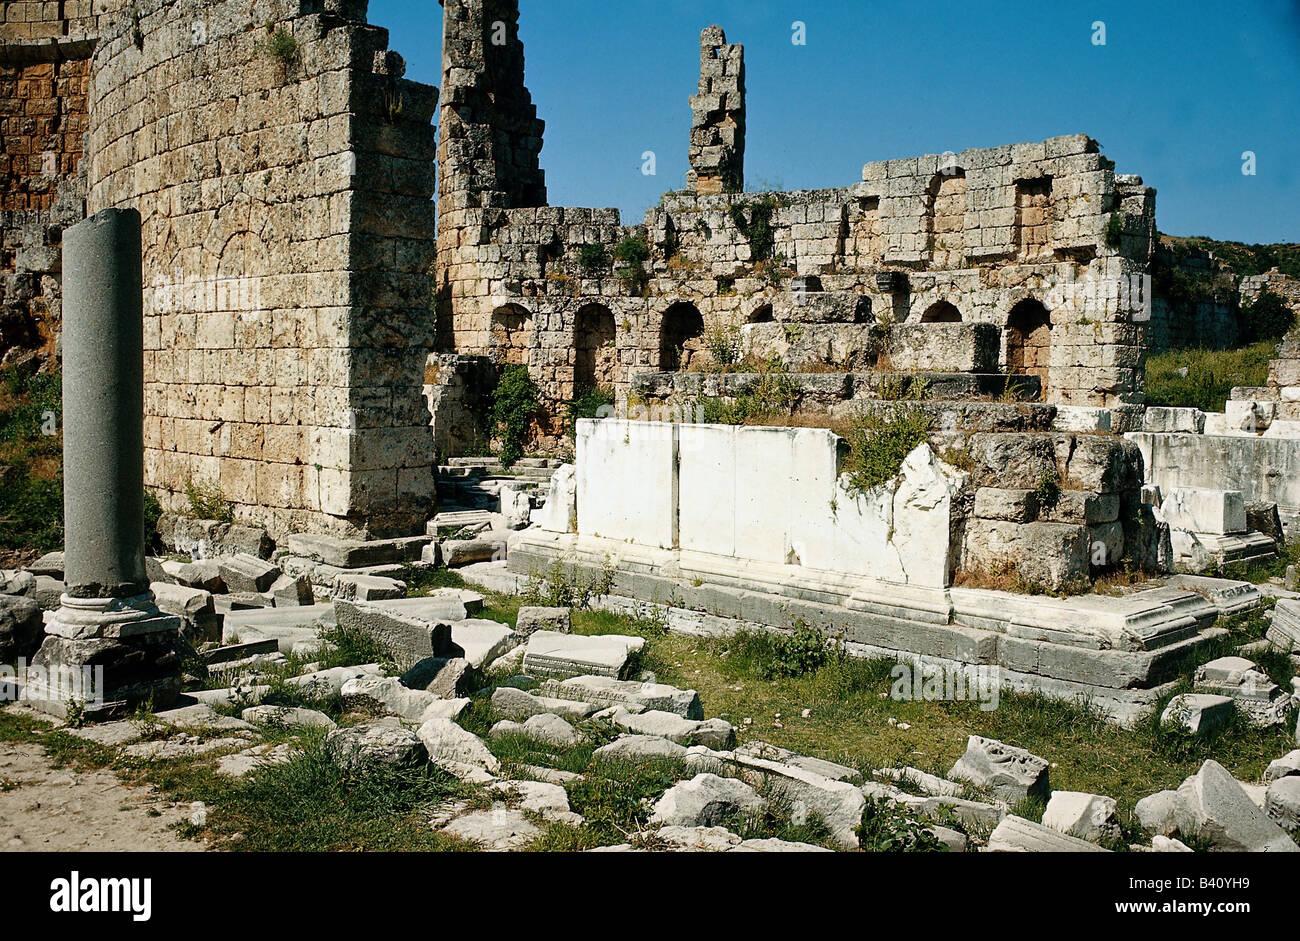 Géographie / voyage, Turquie, Perge, basilique byzantine, ruine, excavations, l'antiquité, la Cappadoce, Photo Stock